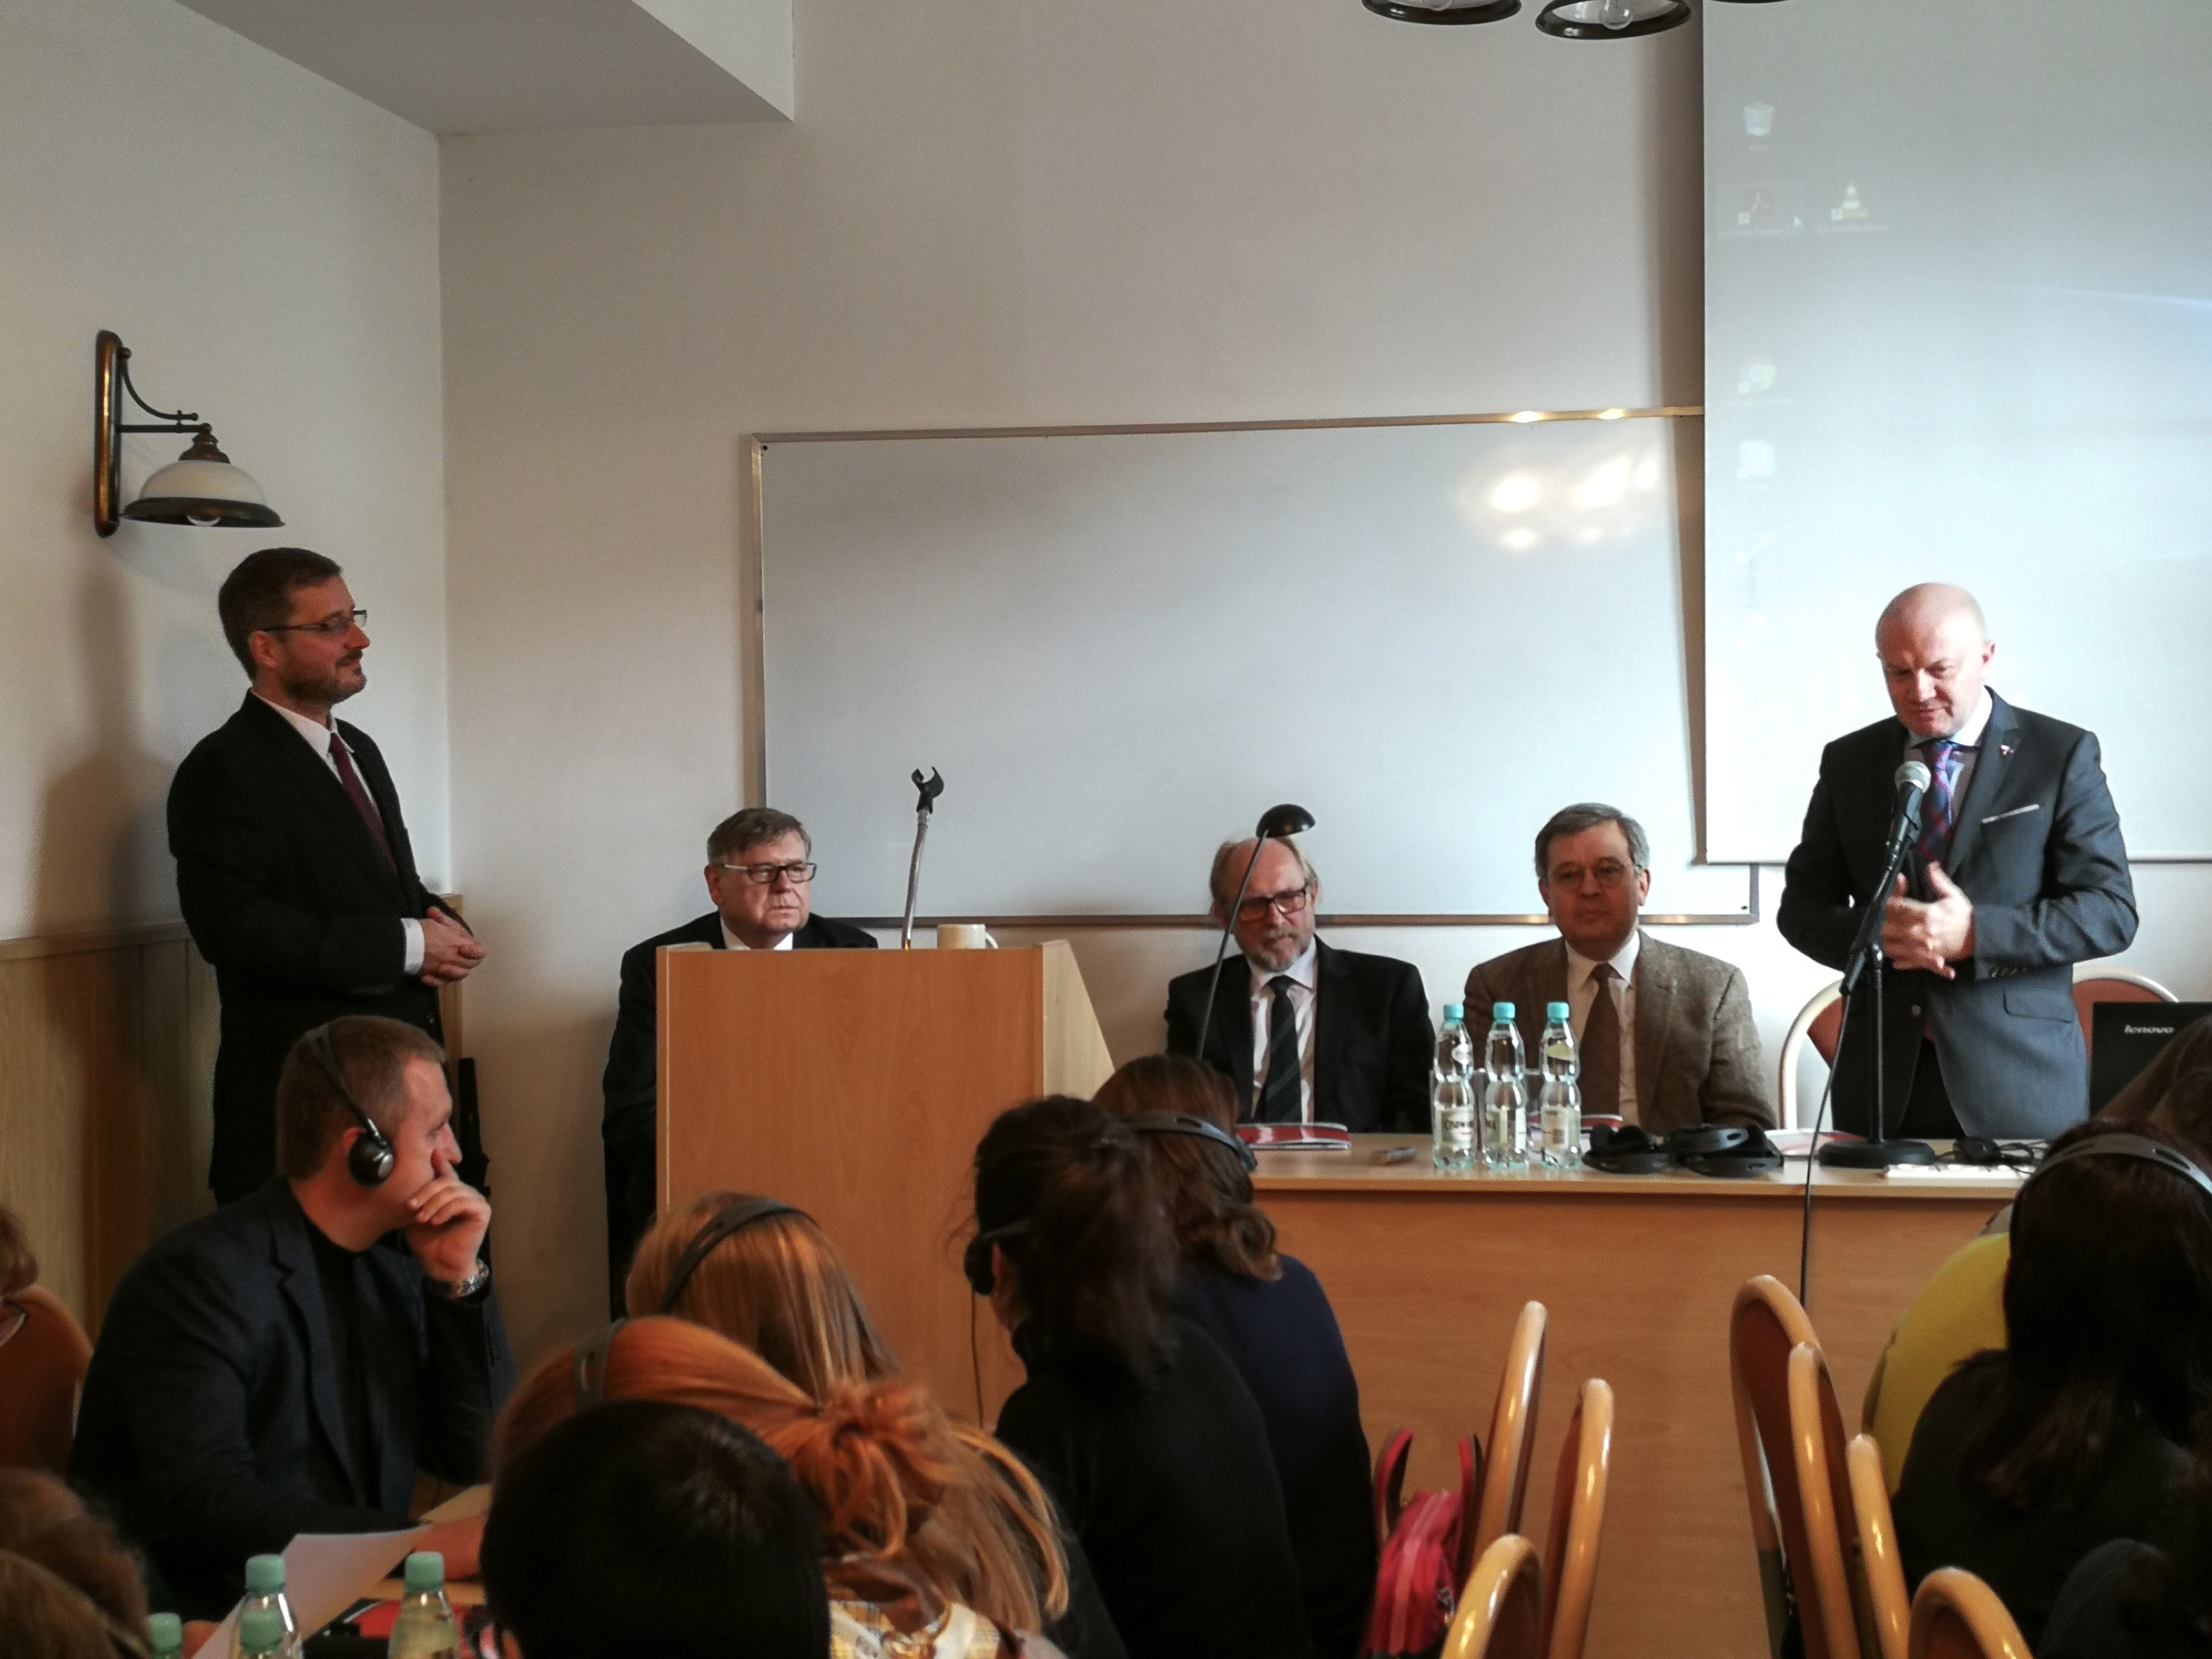 Na zdjęciu (od lewej): prof. Robert A. Sucharski, prof. Jerzy Woźnicki, prof. Bogdan Szlachta, prof. Taras Finikov, dr hab. Maciej Duszczyk